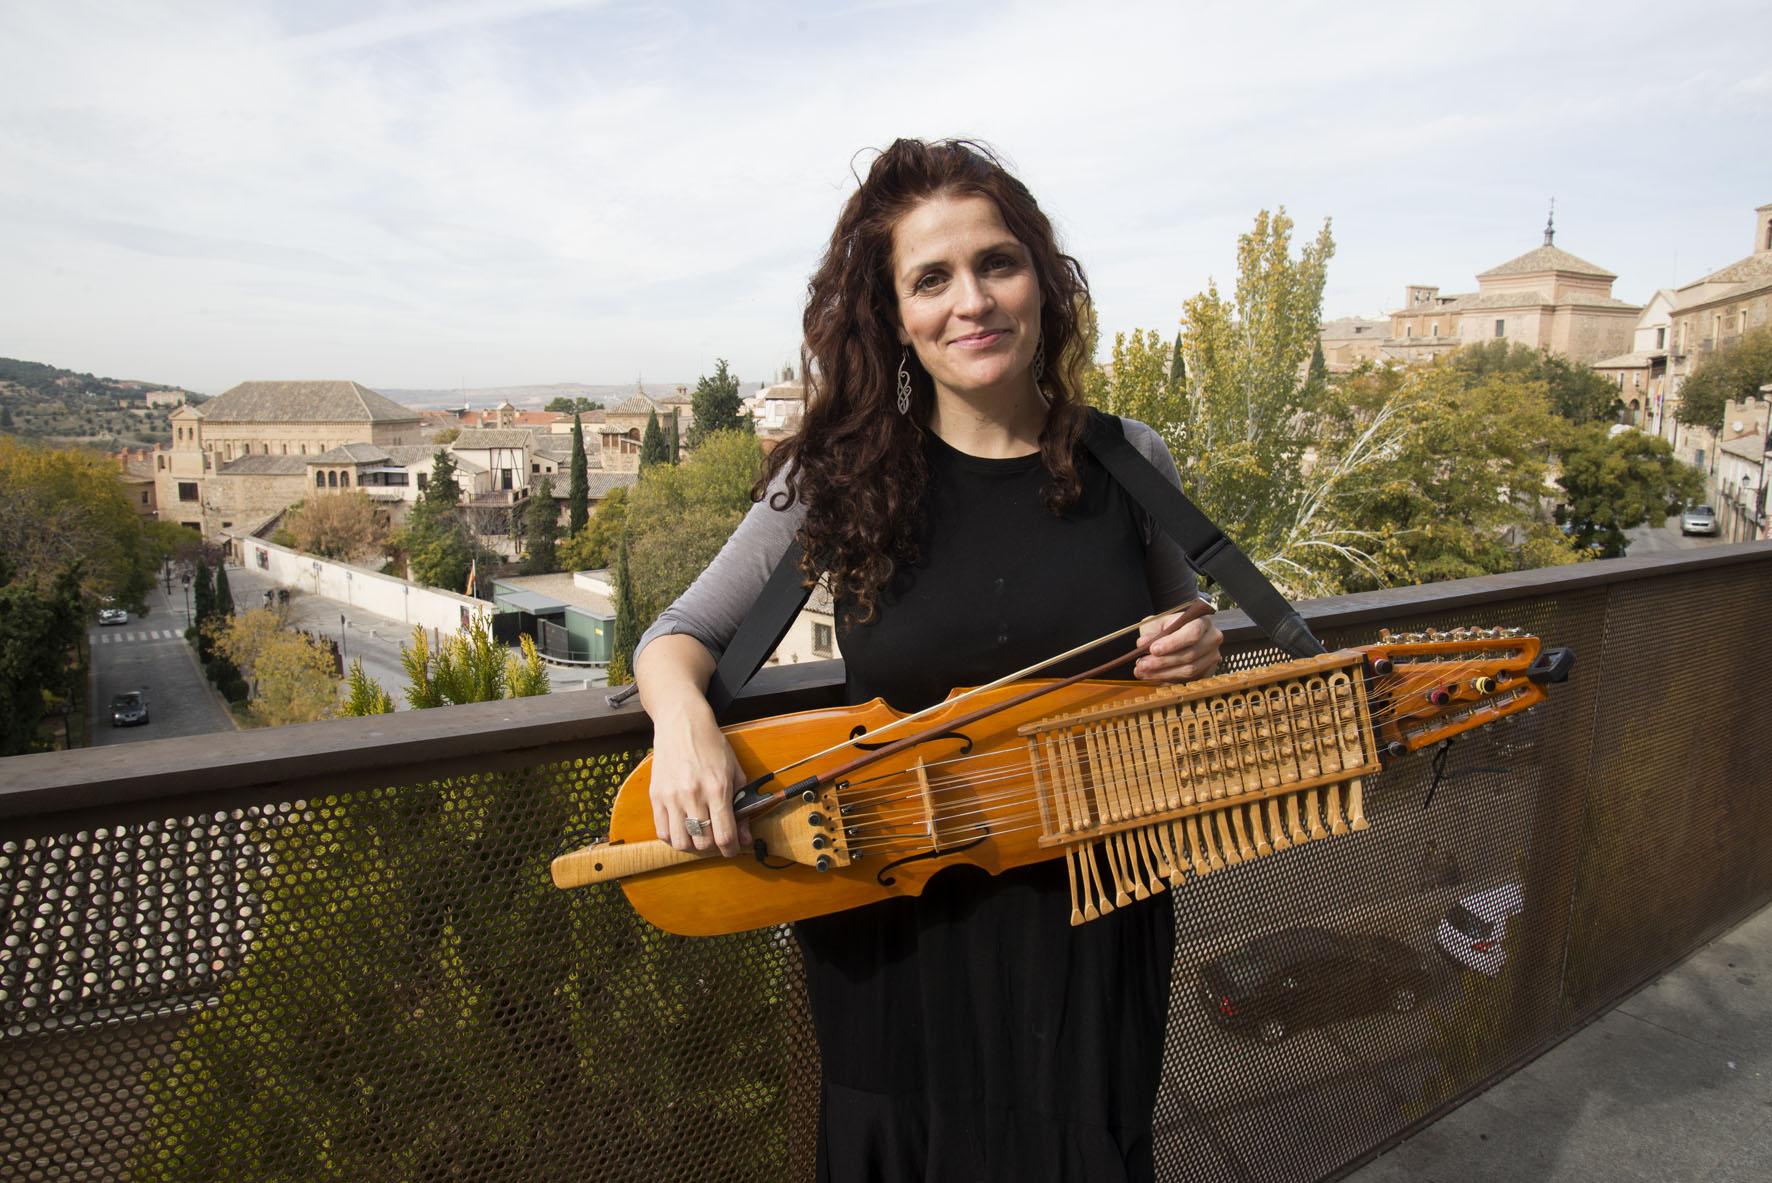 Ana Alcaide, música, posa en el Paseo de San Cristóbal, con la Judería de fondo.